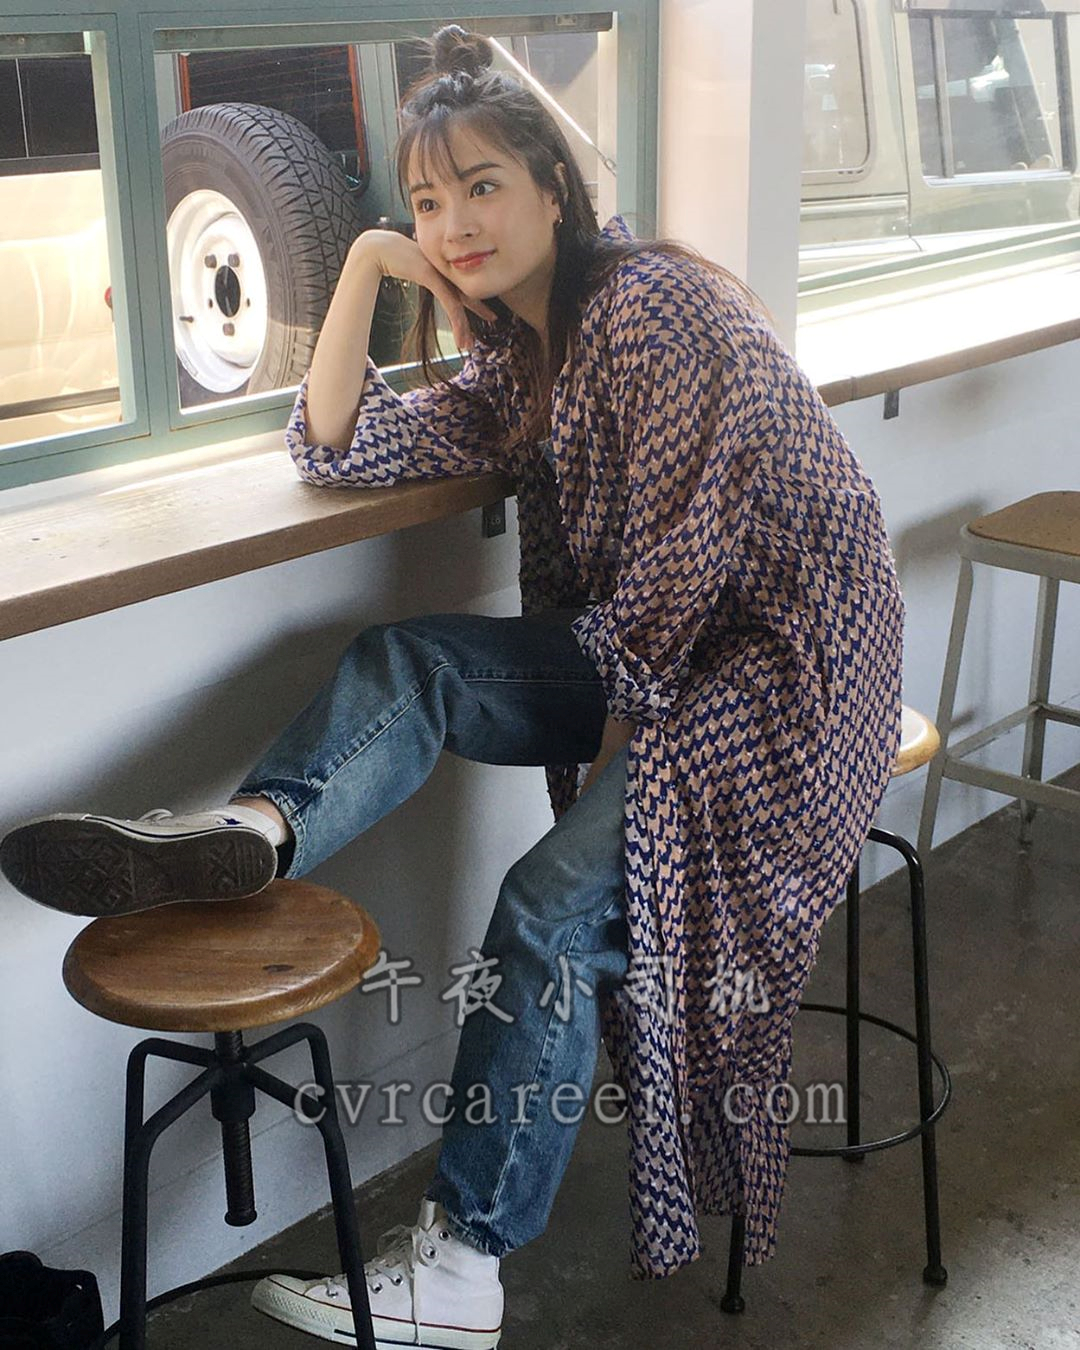 宅妹子suzu.hirose.official的图片 第4张